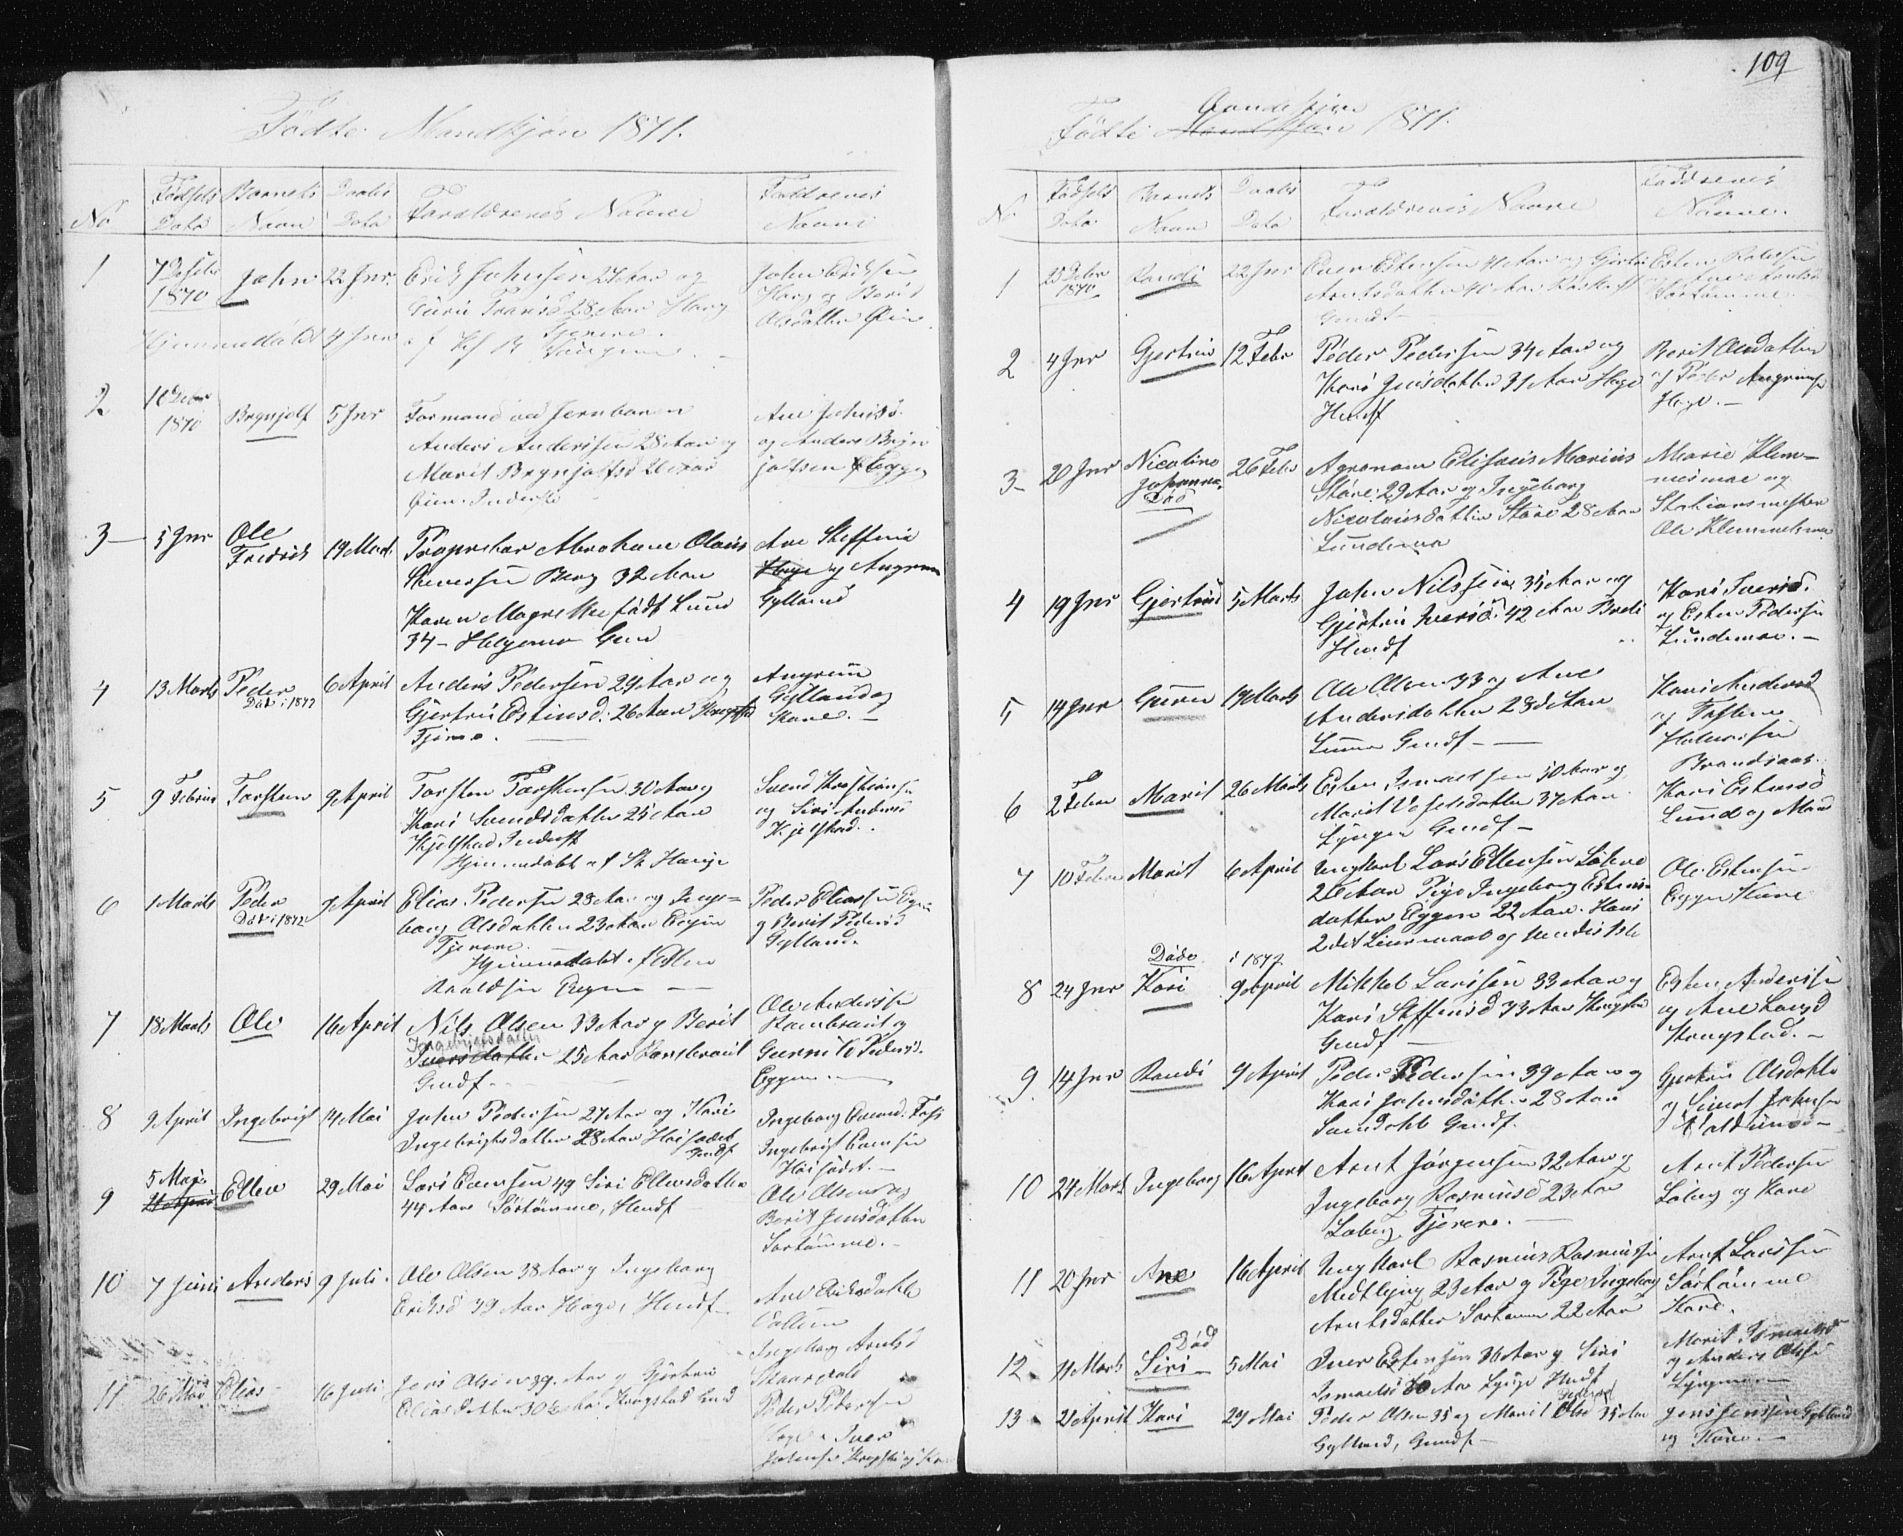 SAT, Ministerialprotokoller, klokkerbøker og fødselsregistre - Sør-Trøndelag, 692/L1110: Klokkerbok nr. 692C05, 1849-1889, s. 109